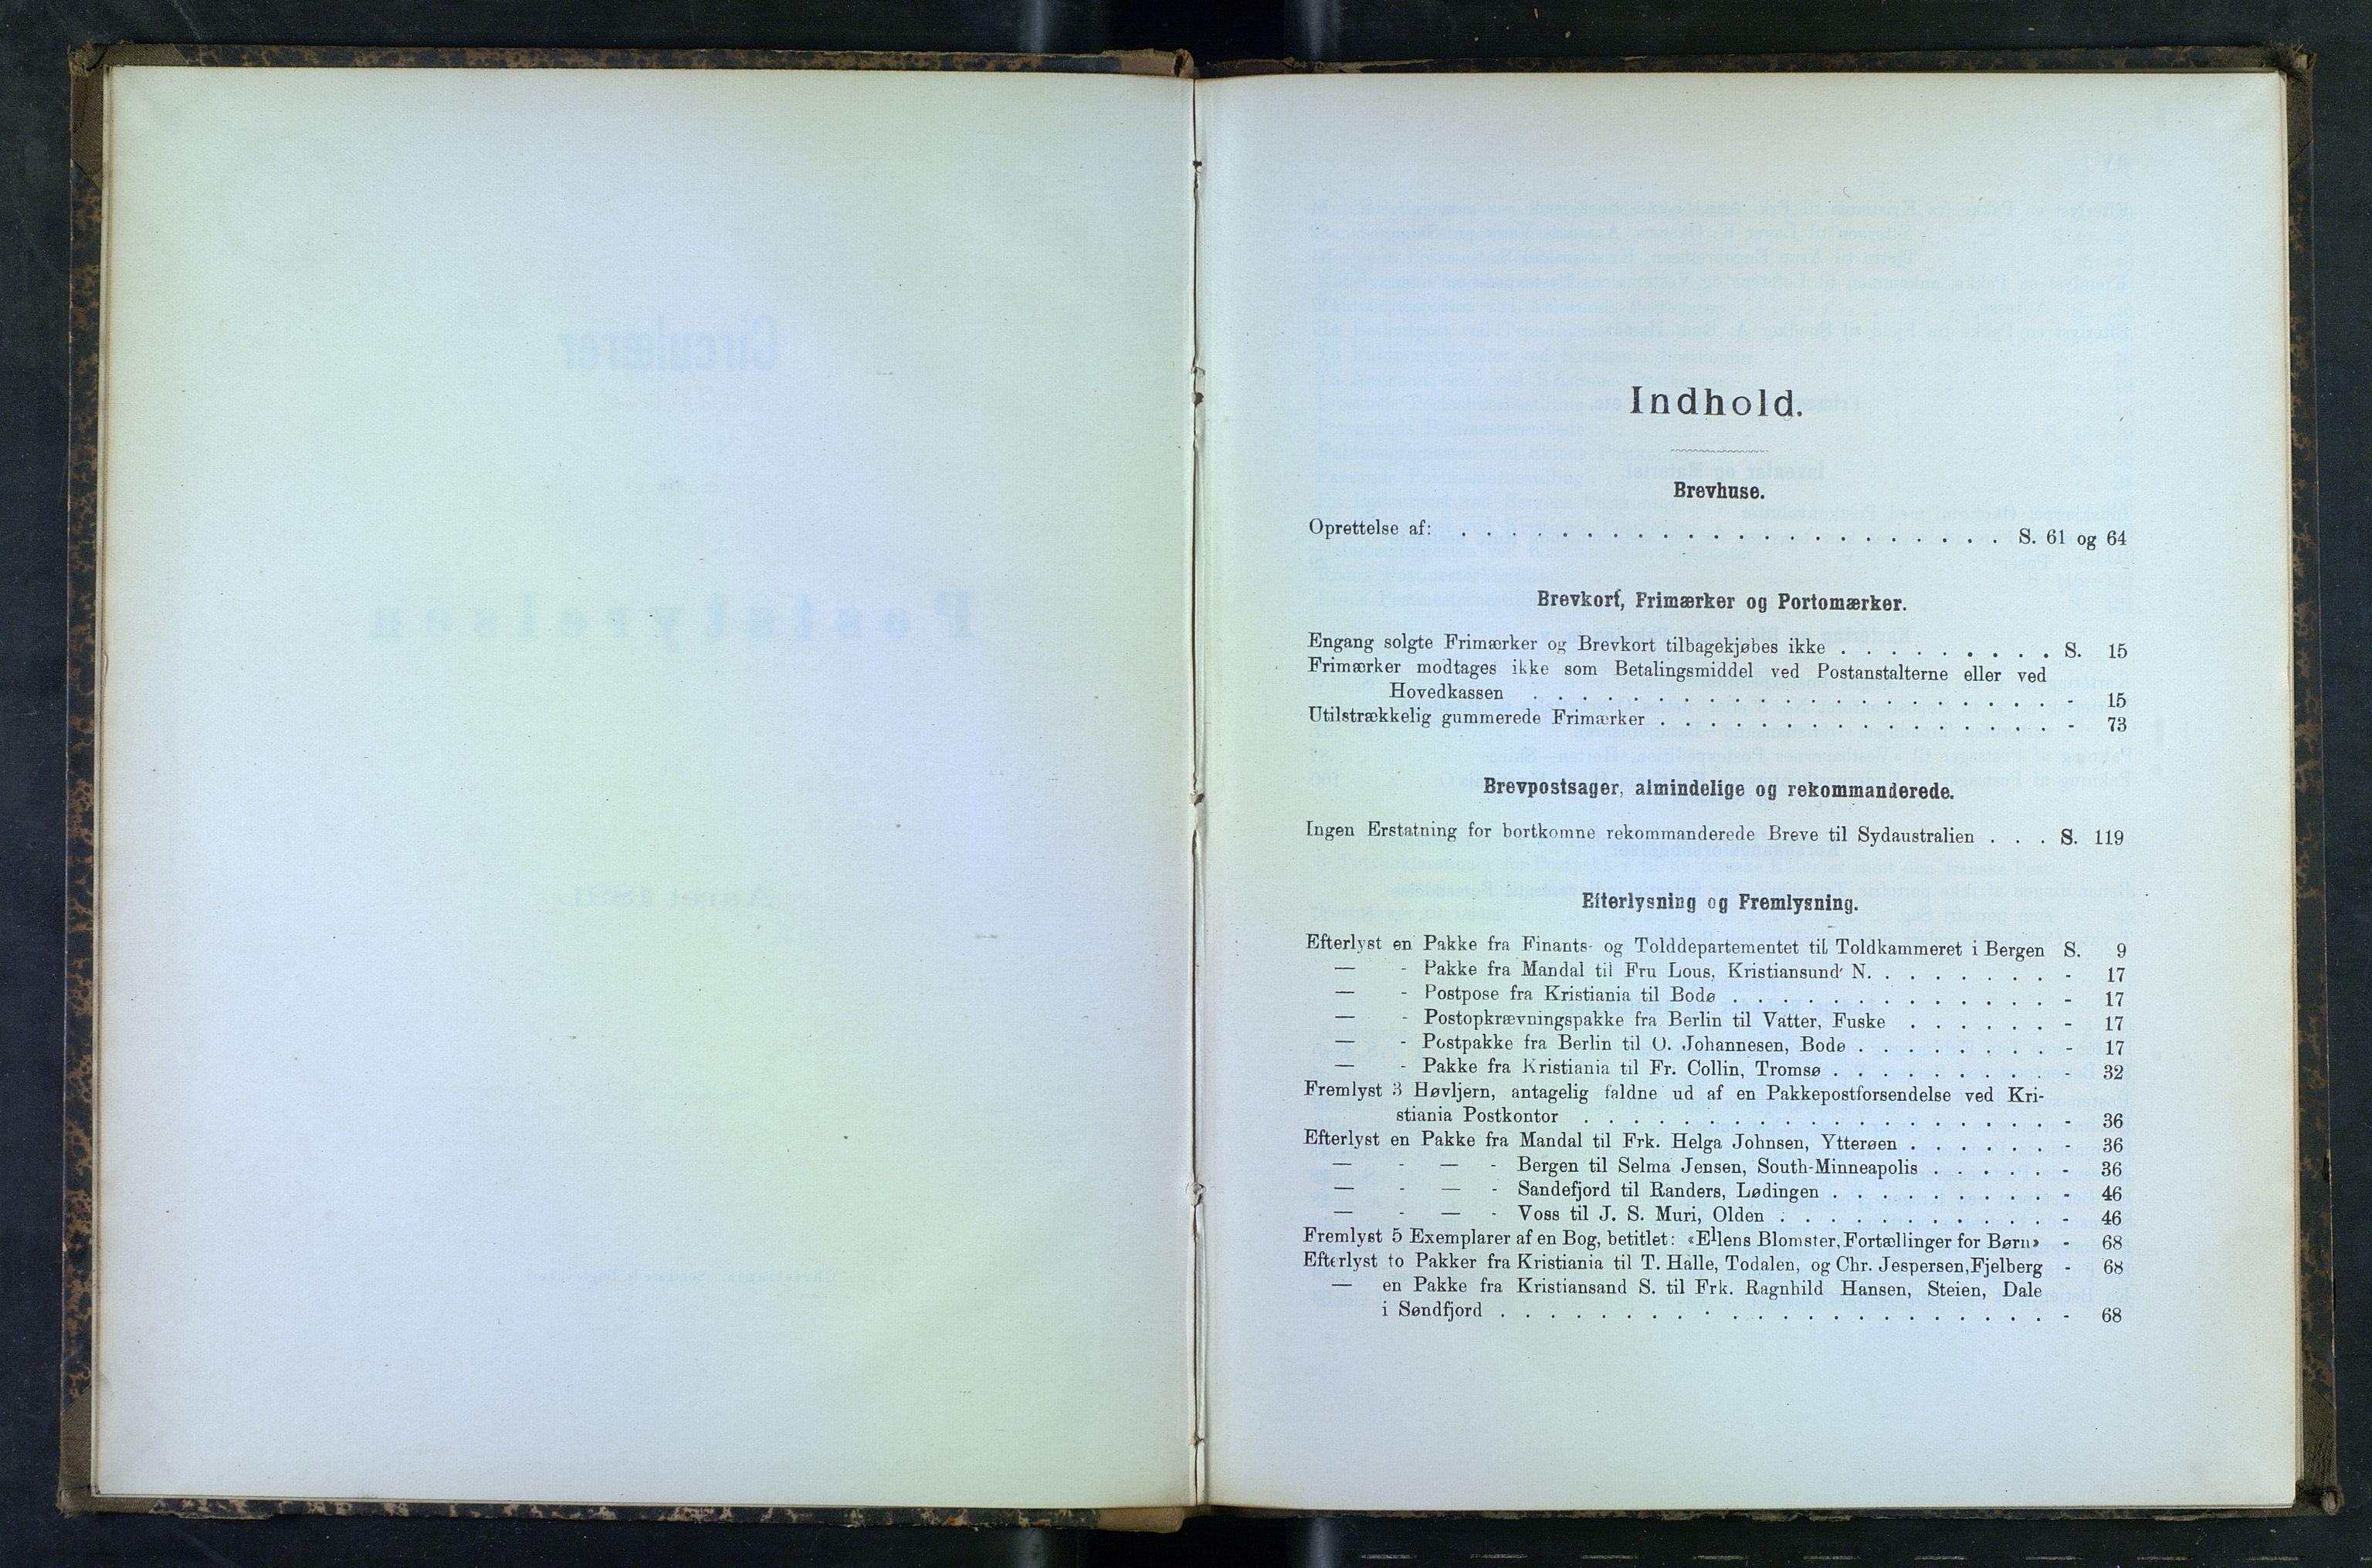 NOPO, Norges Postmuseums bibliotek, -/-: Sirkulærer fra Poststyrelsen, 1891